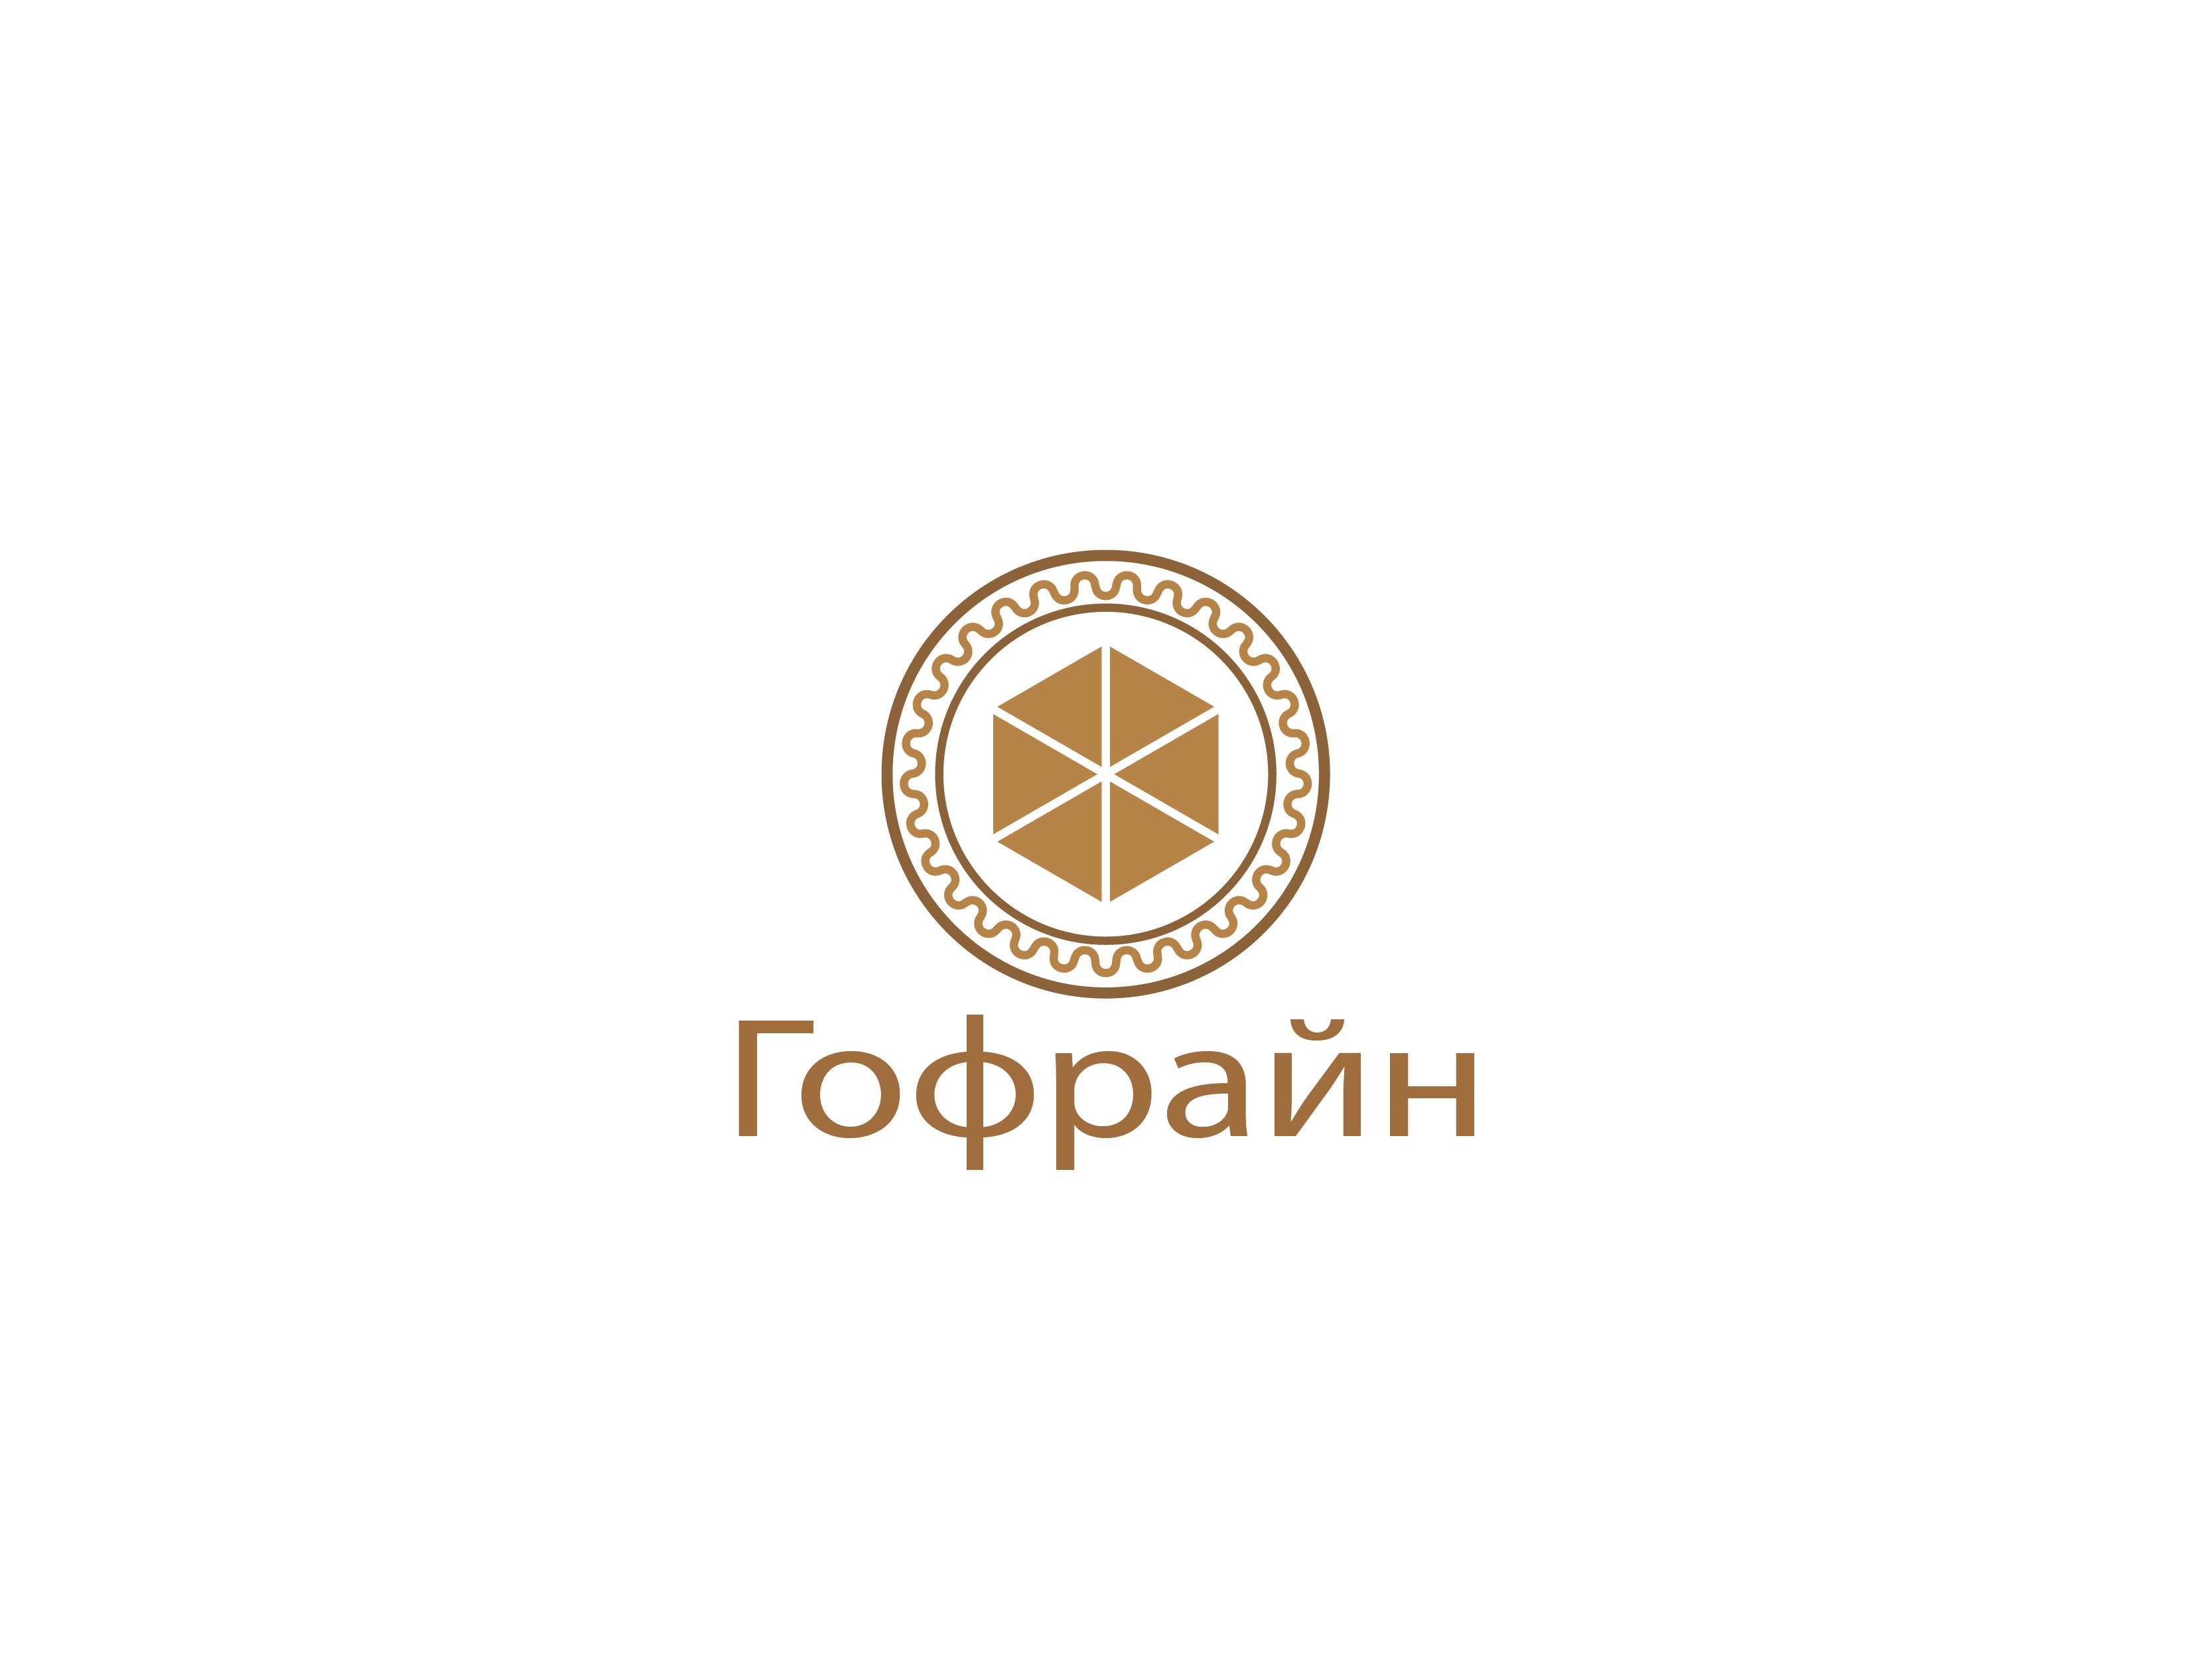 Логотип для компании по реализации упаковки из гофрокартона фото f_1155cdaeb226233c.png